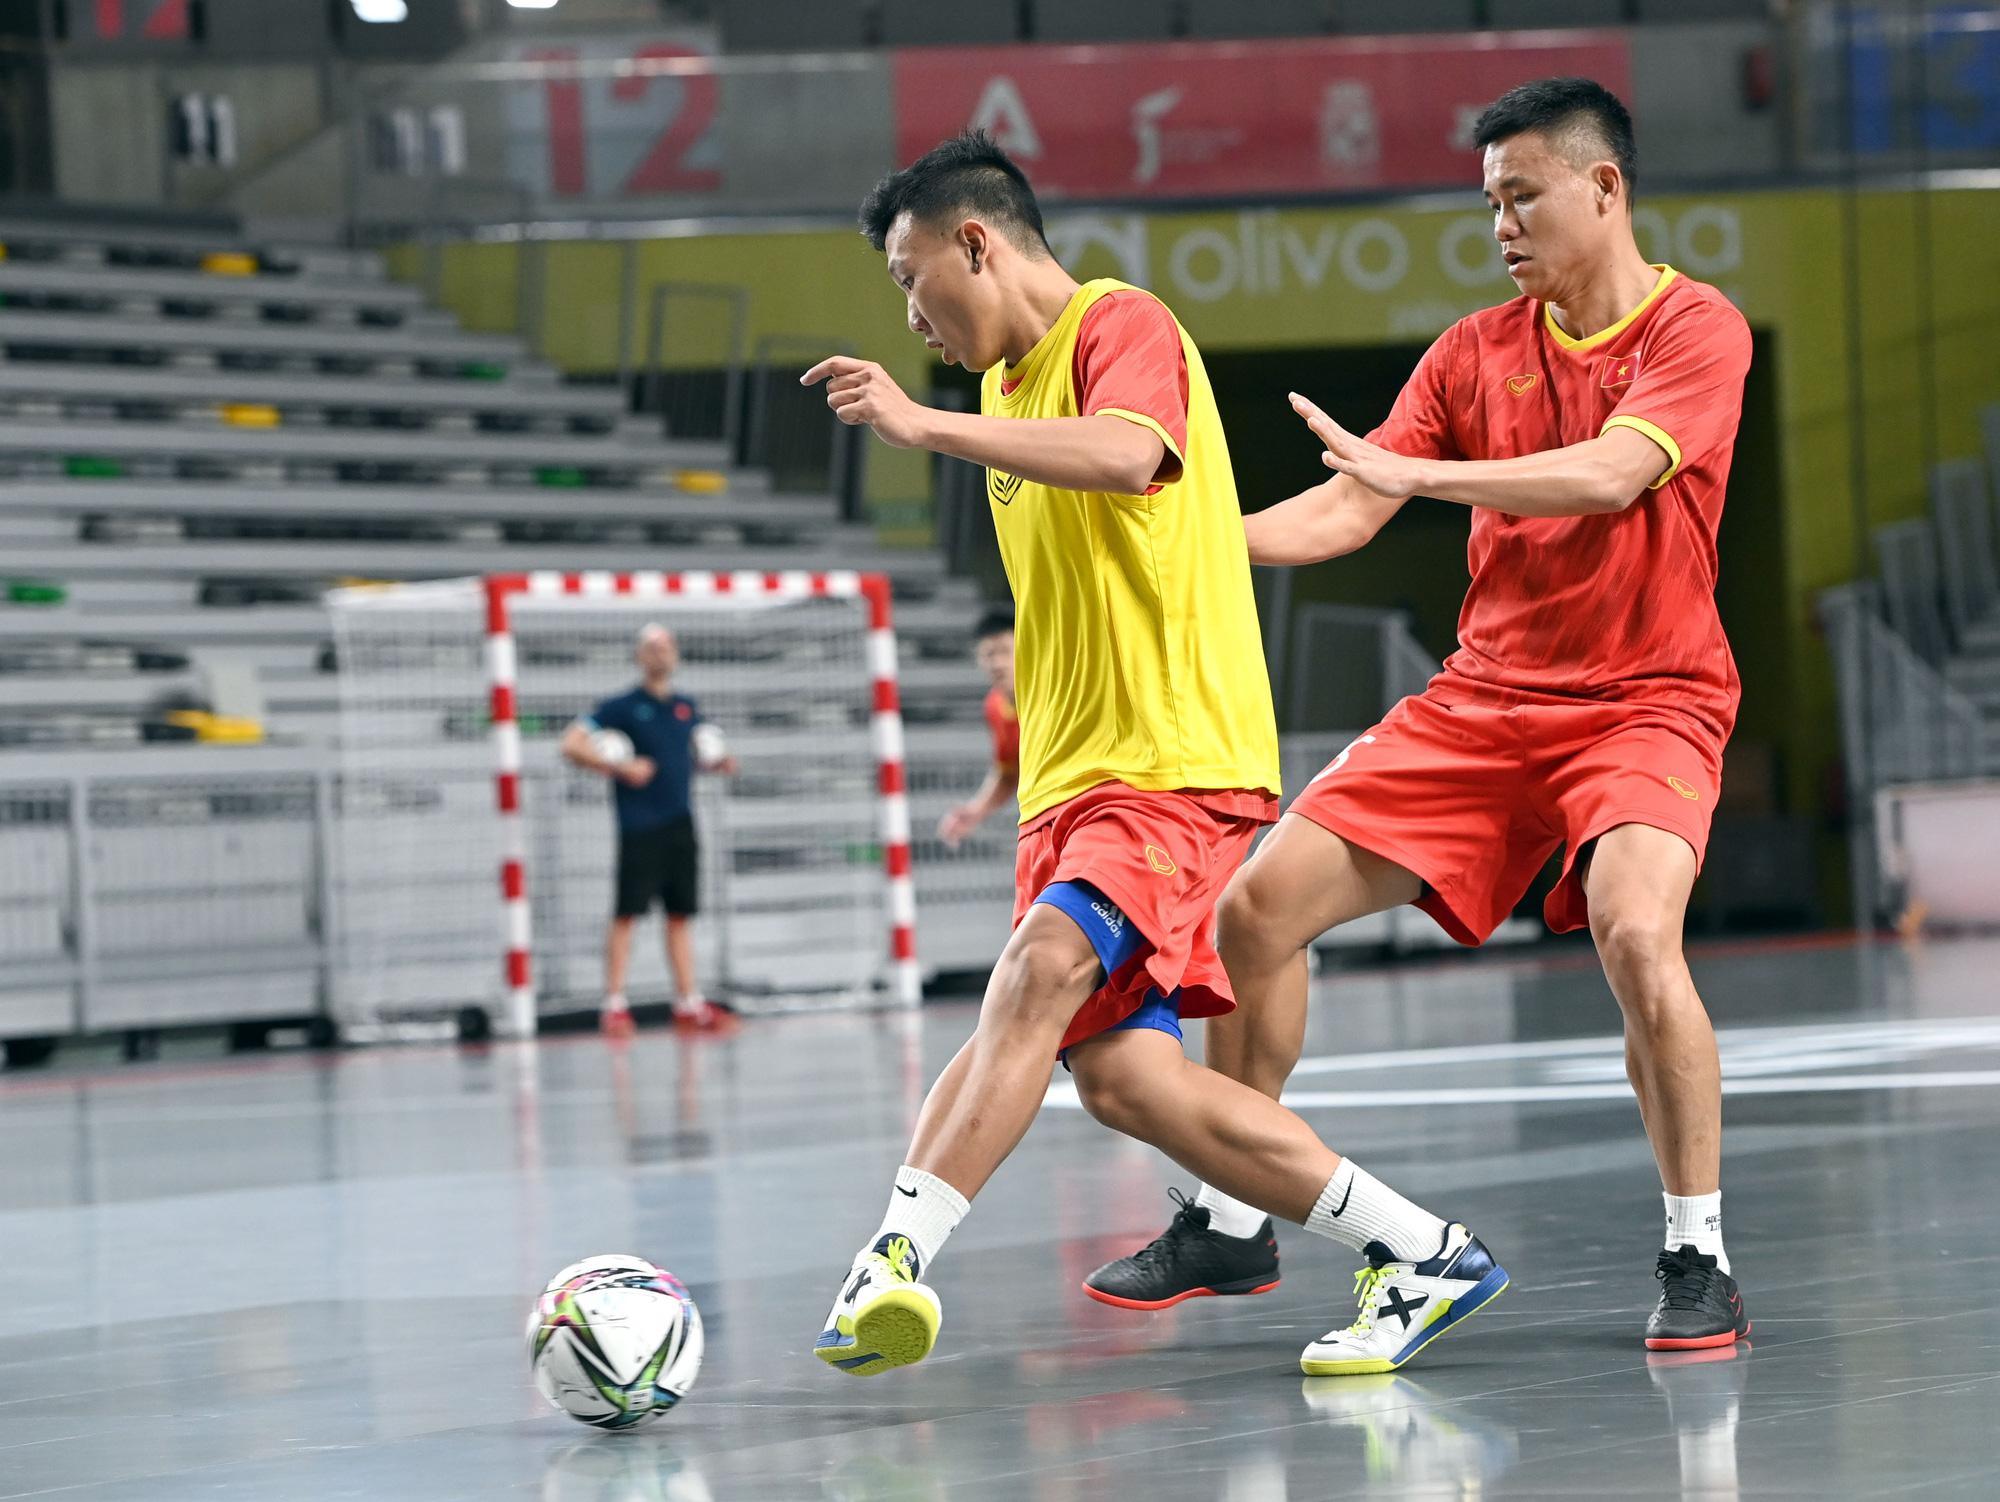 Đội tuyển futsal Việt Nam trong buổi tập đầu tiên tại Tây Ban Nha - Ảnh 2.